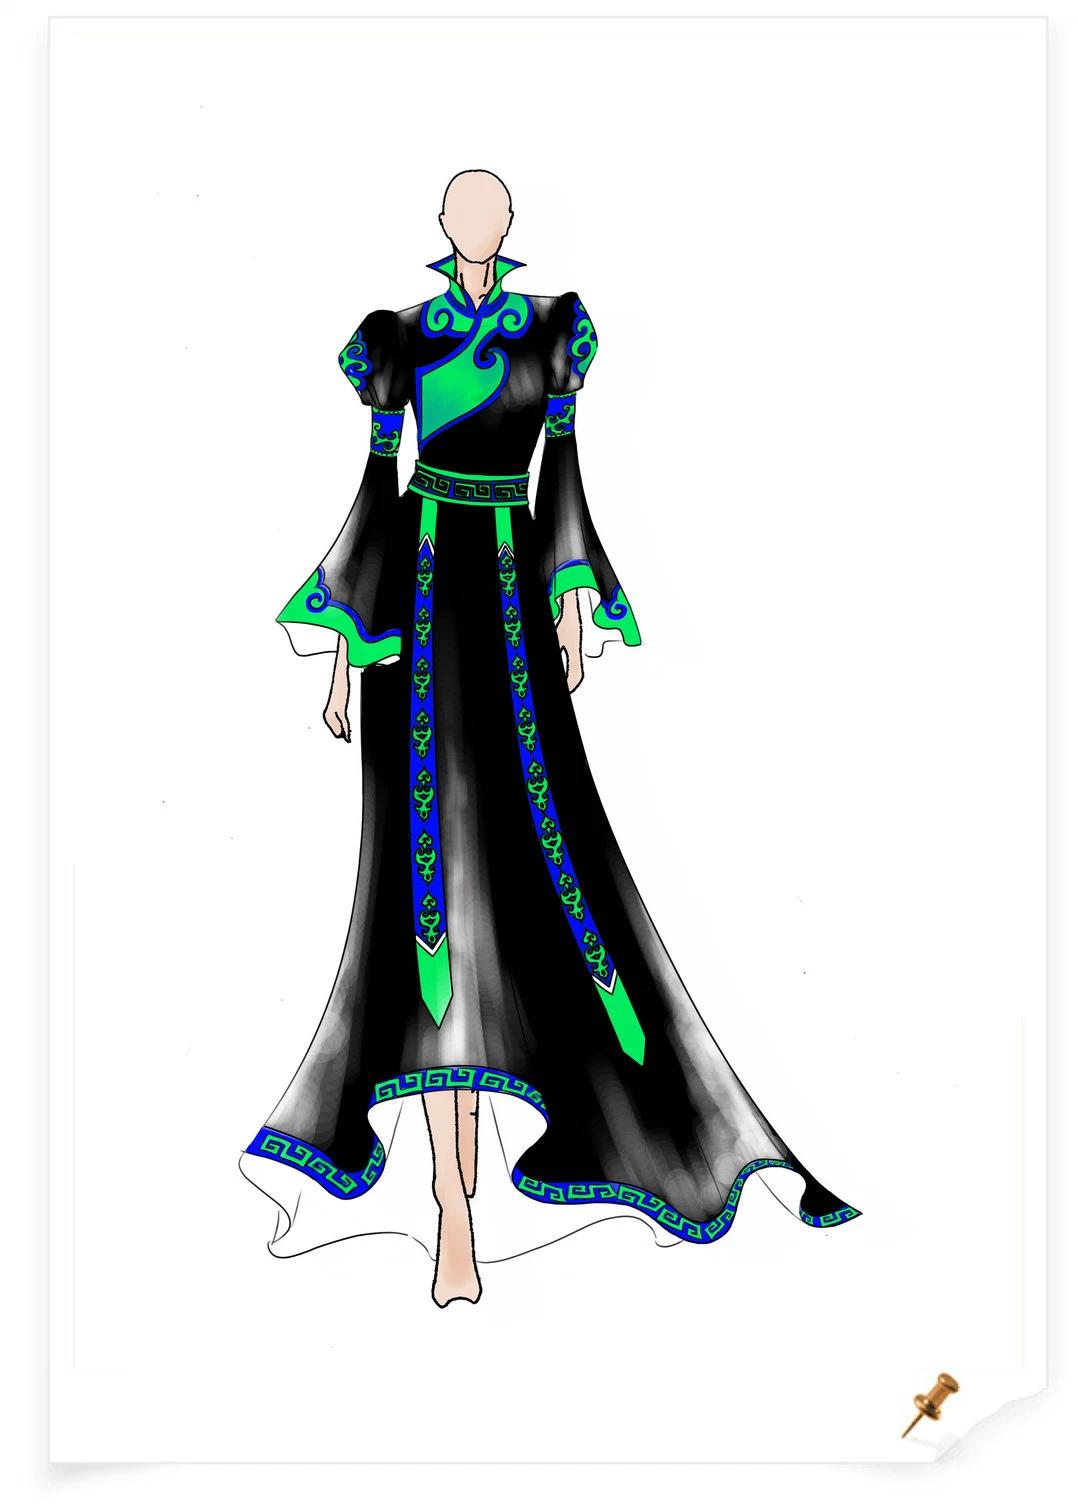 【服装美术】蒙古元素服饰设计效果图